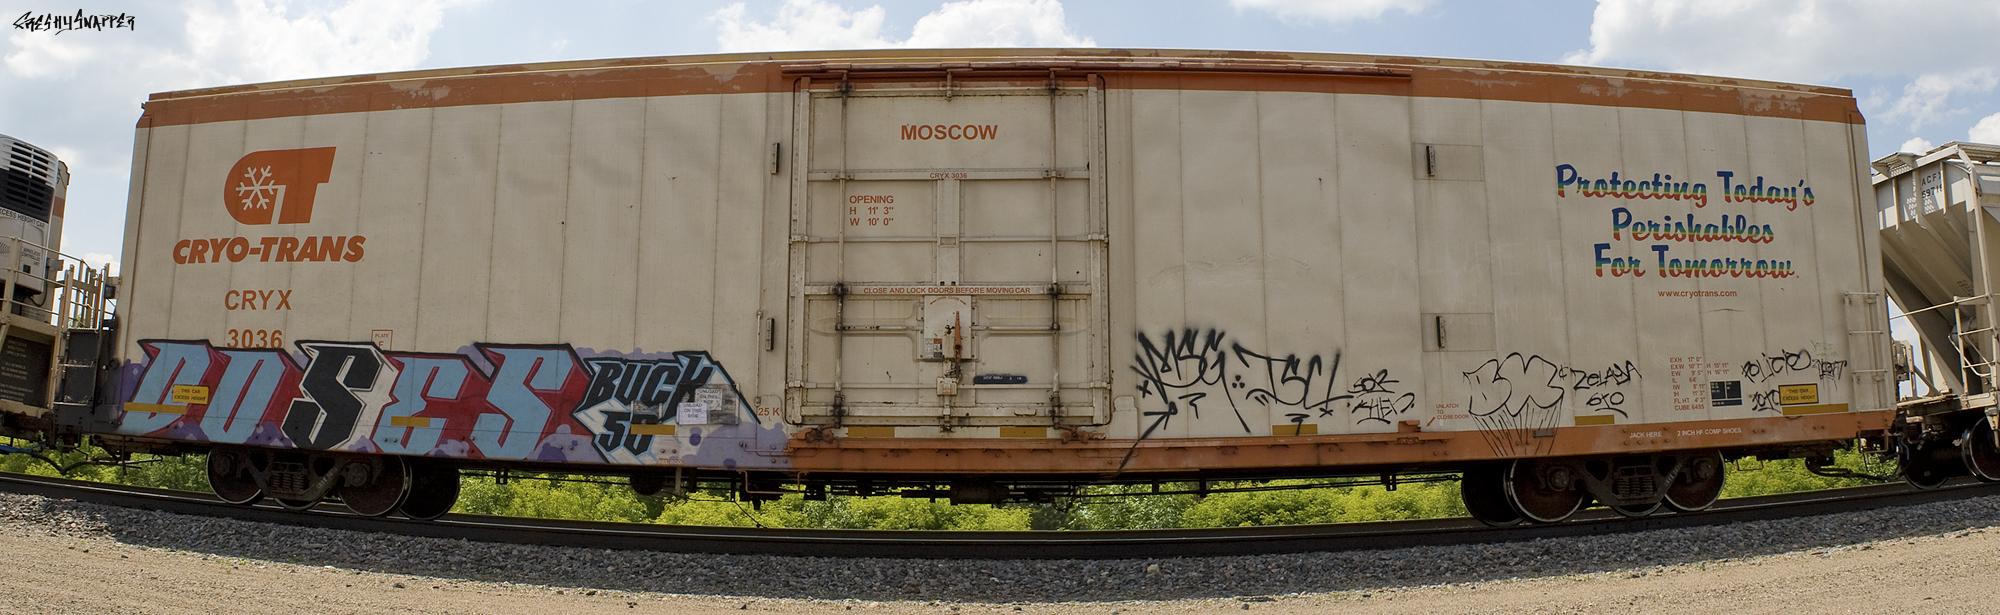 afarm5.static.flickr.com_4054_4702707634_244ba11f6e_o.jpg